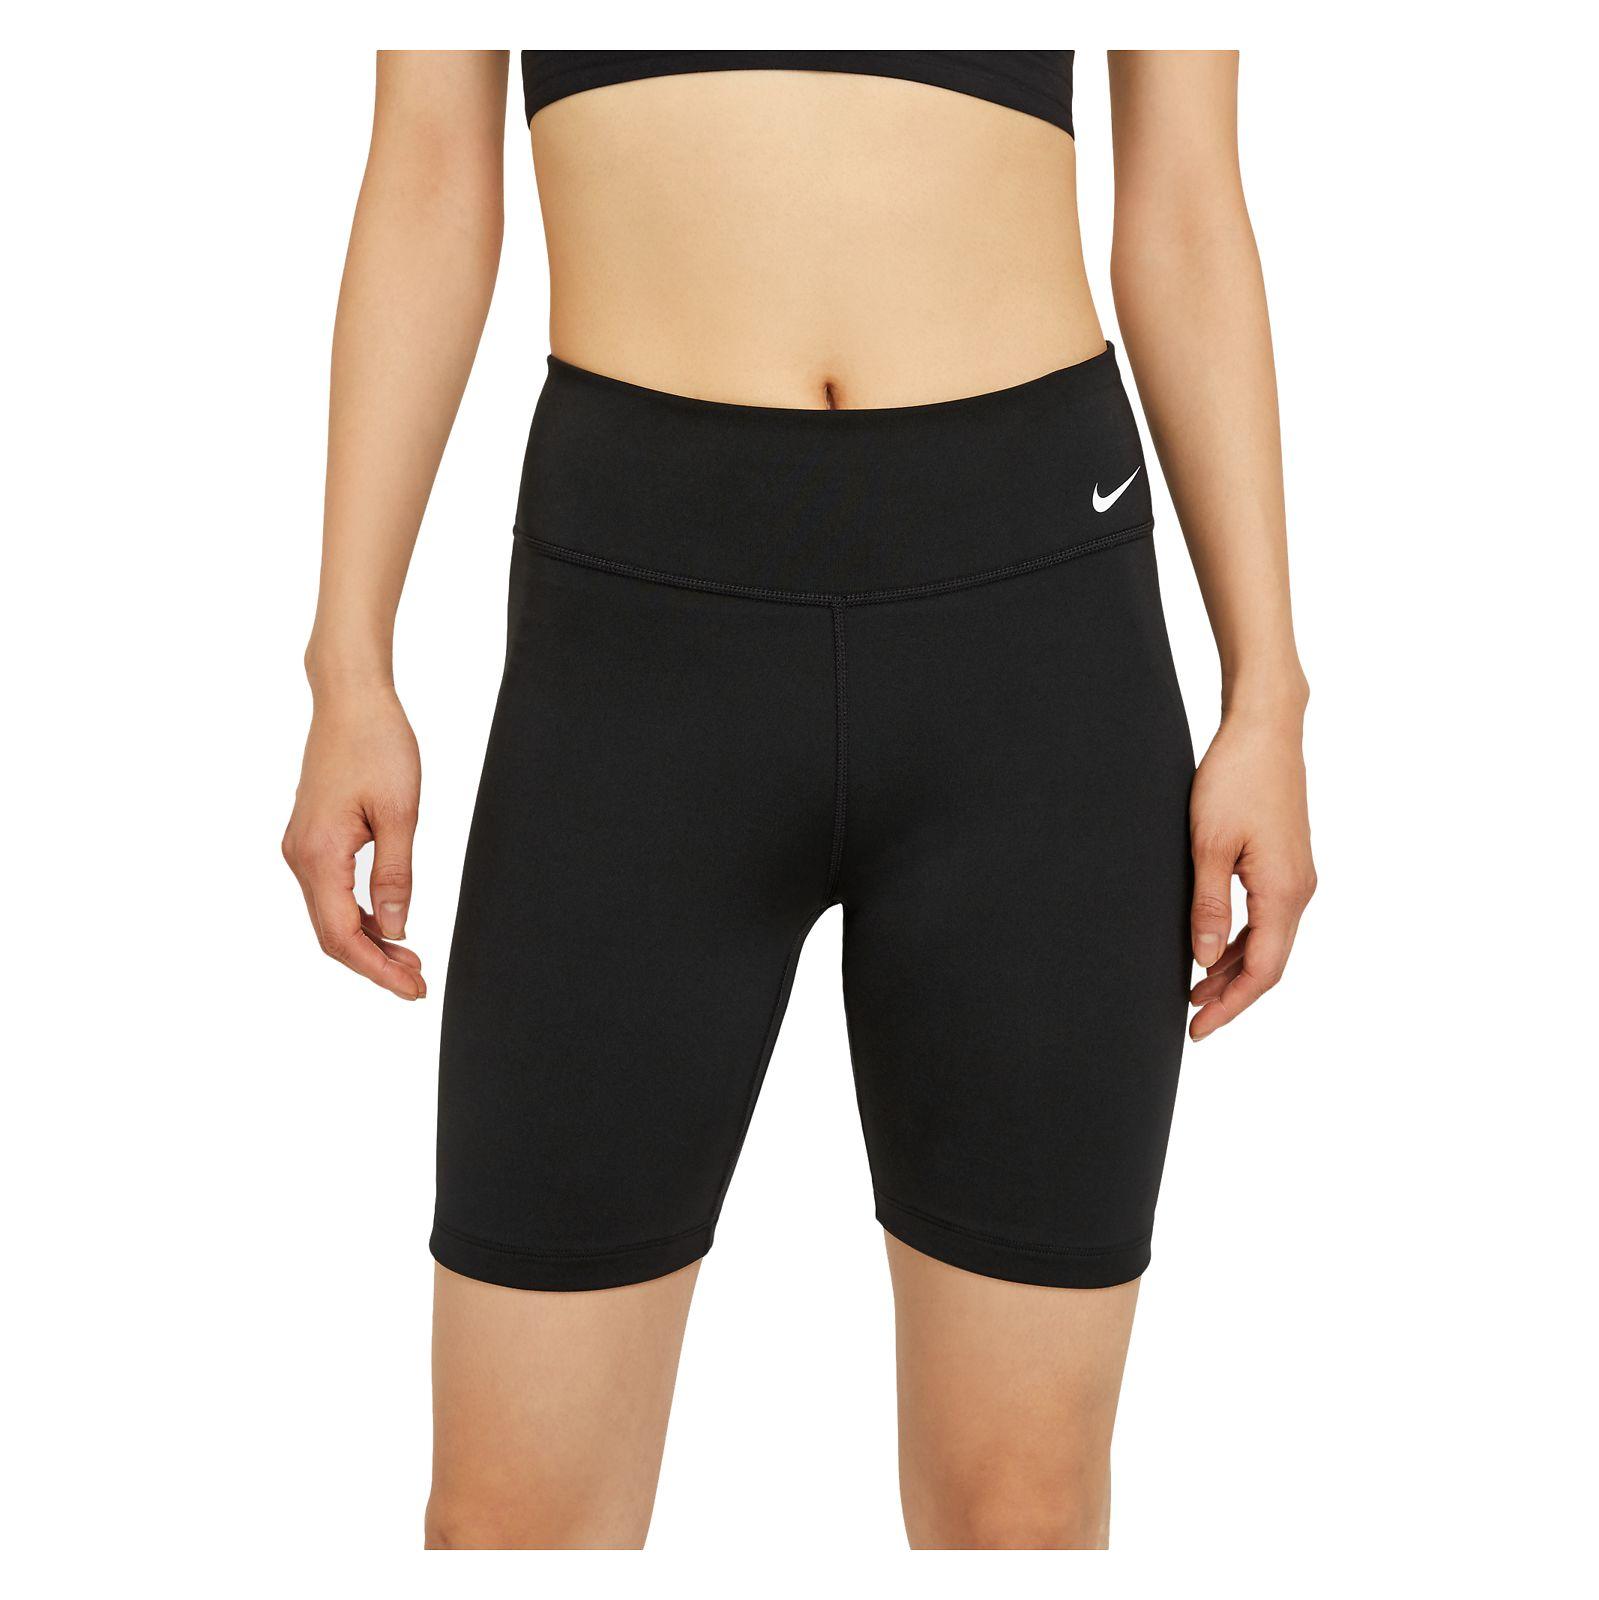 Spodenki treningowe damskie Nike One MR 7 DD0243